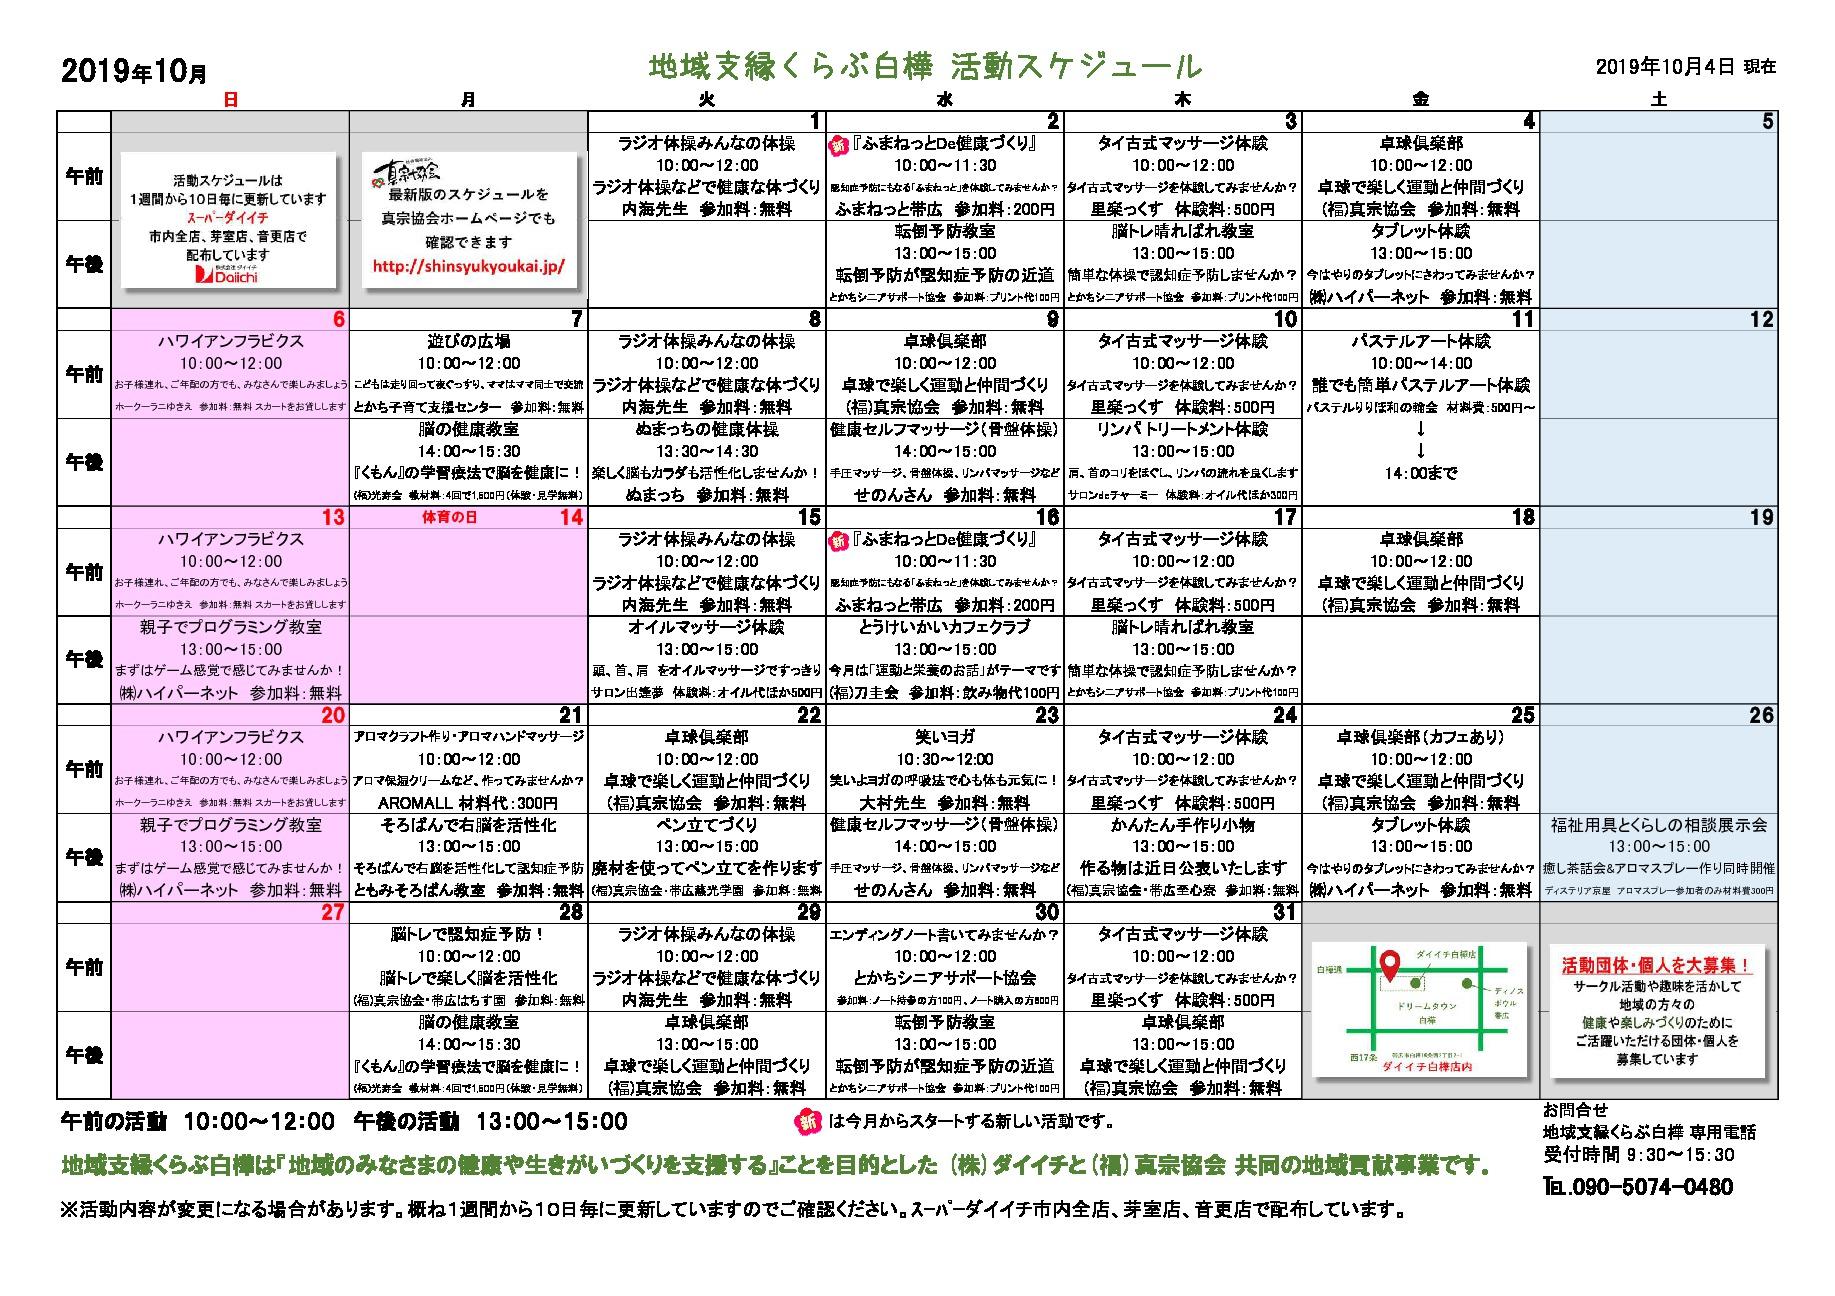 2019活動スケジュール10(2019.10.4付)のサムネイル